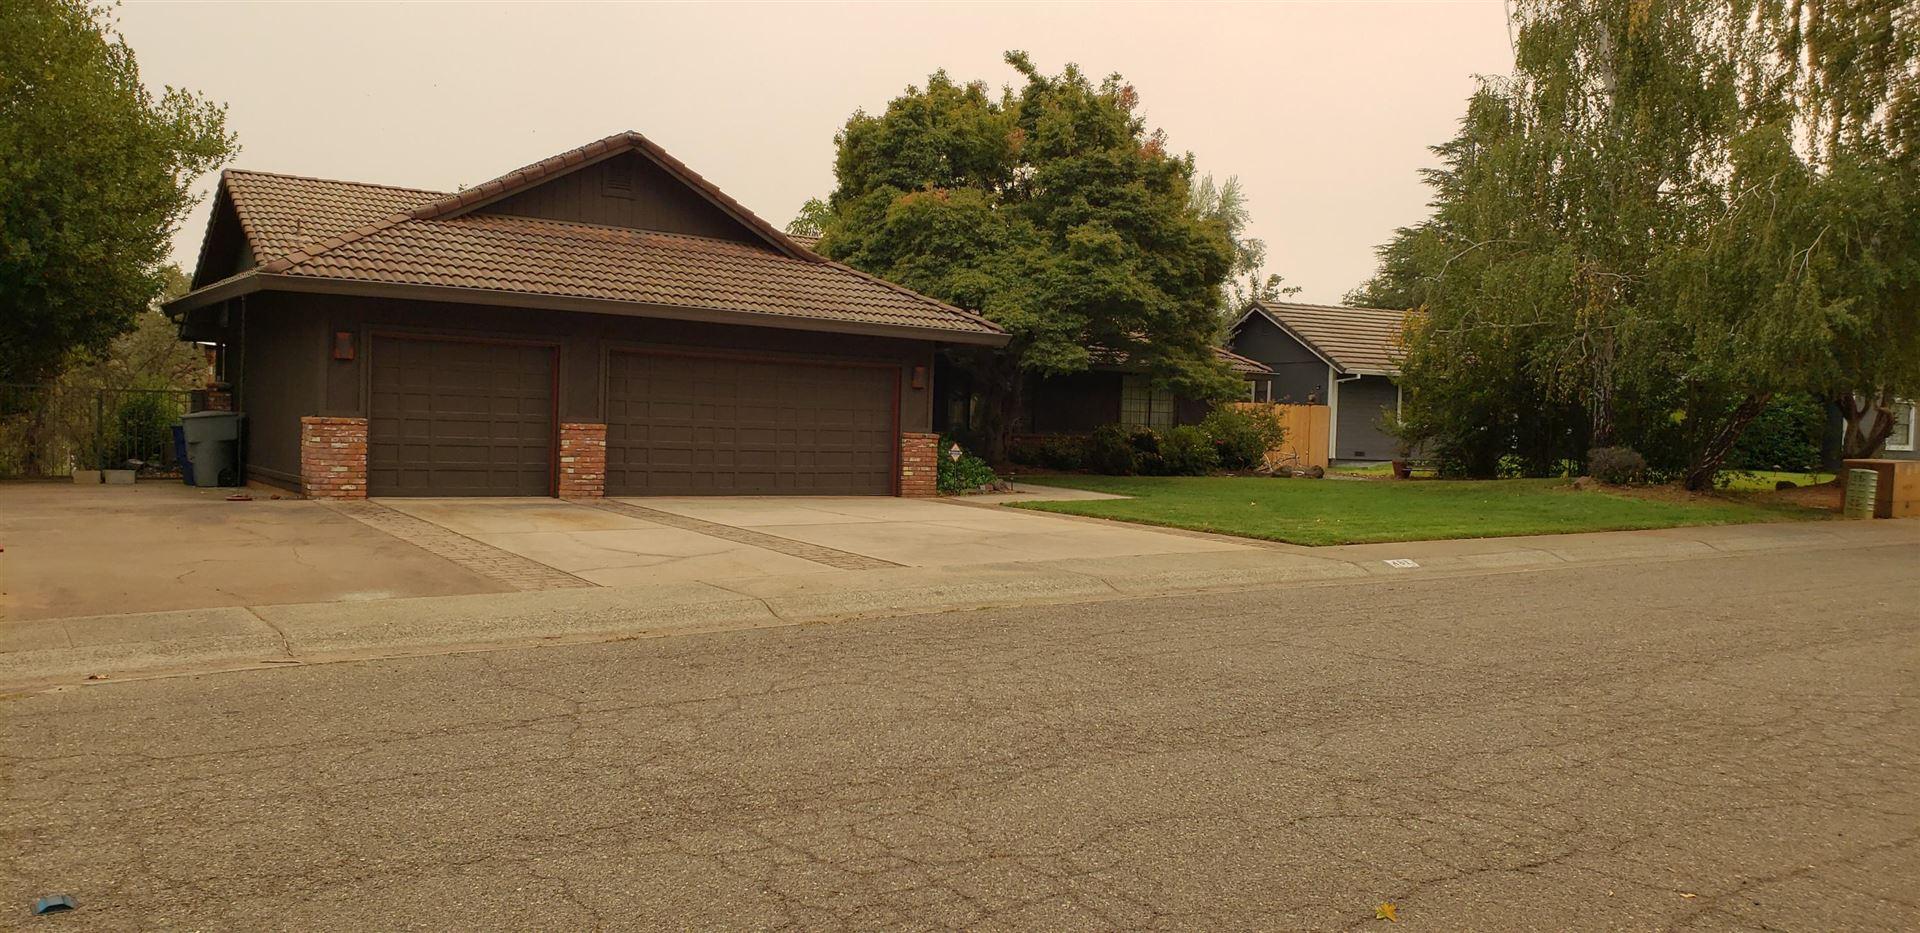 461 Arbor Pl, Redding, CA 96001 - MLS#: 20-4939